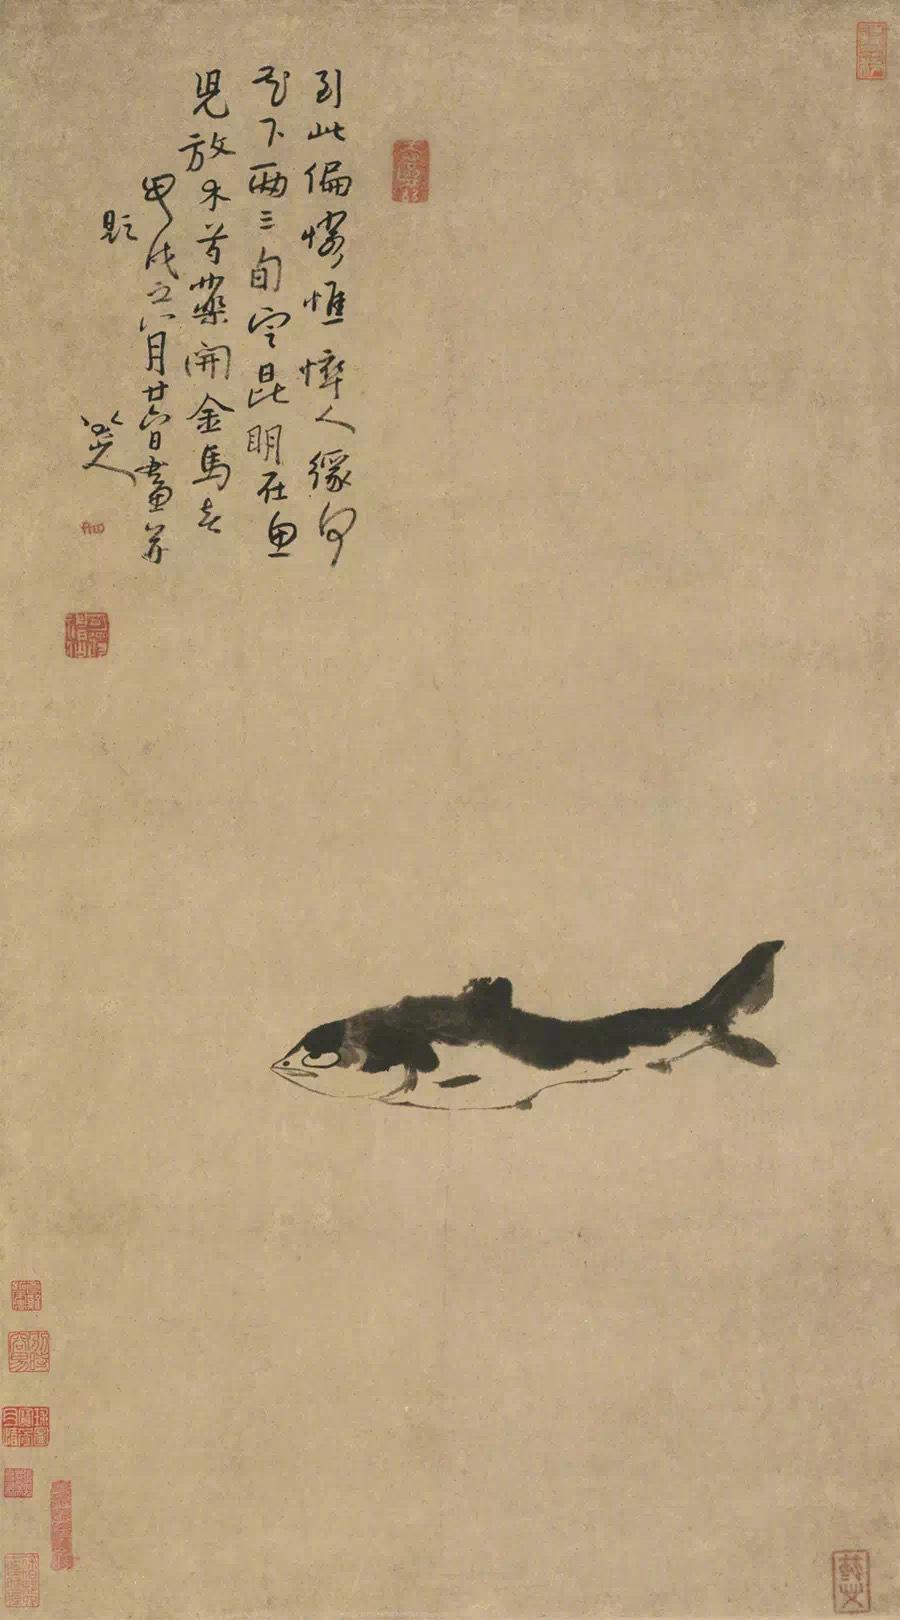 花鸟承袭陈淳、徐渭写意花鸟画的传统,发展为阔笔大写意画法